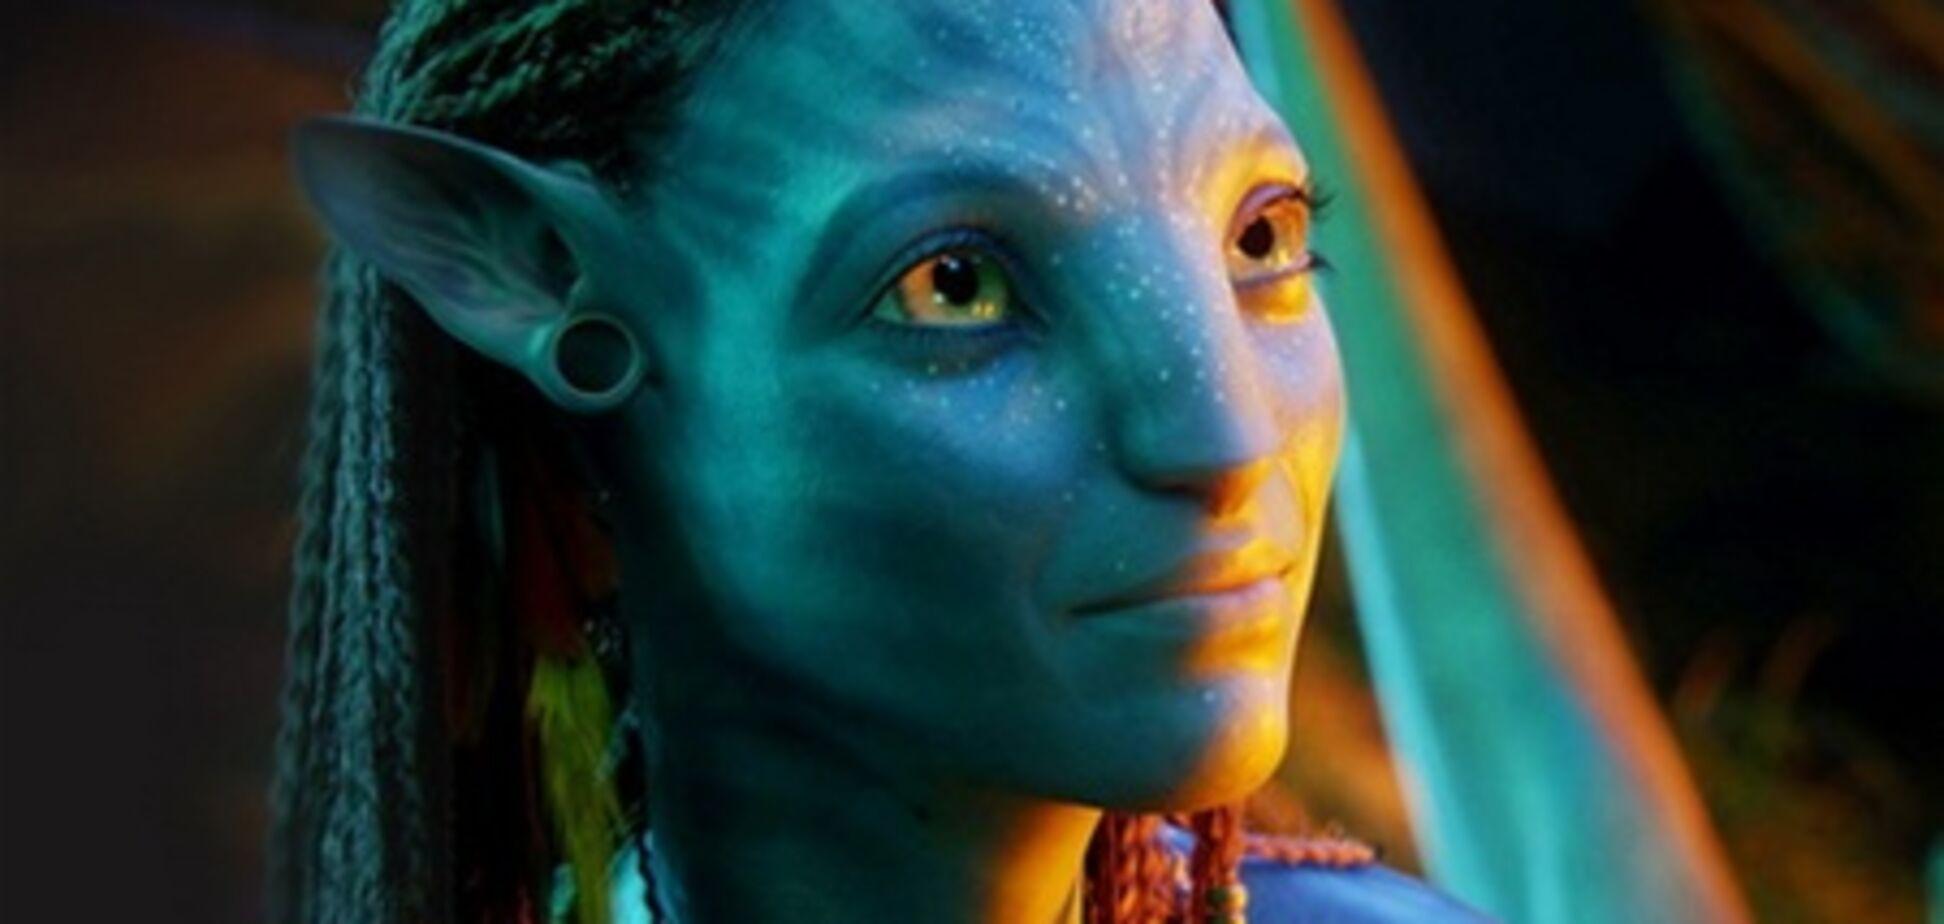 Звезда 'Аватара' перекрасится из синего в зеленый